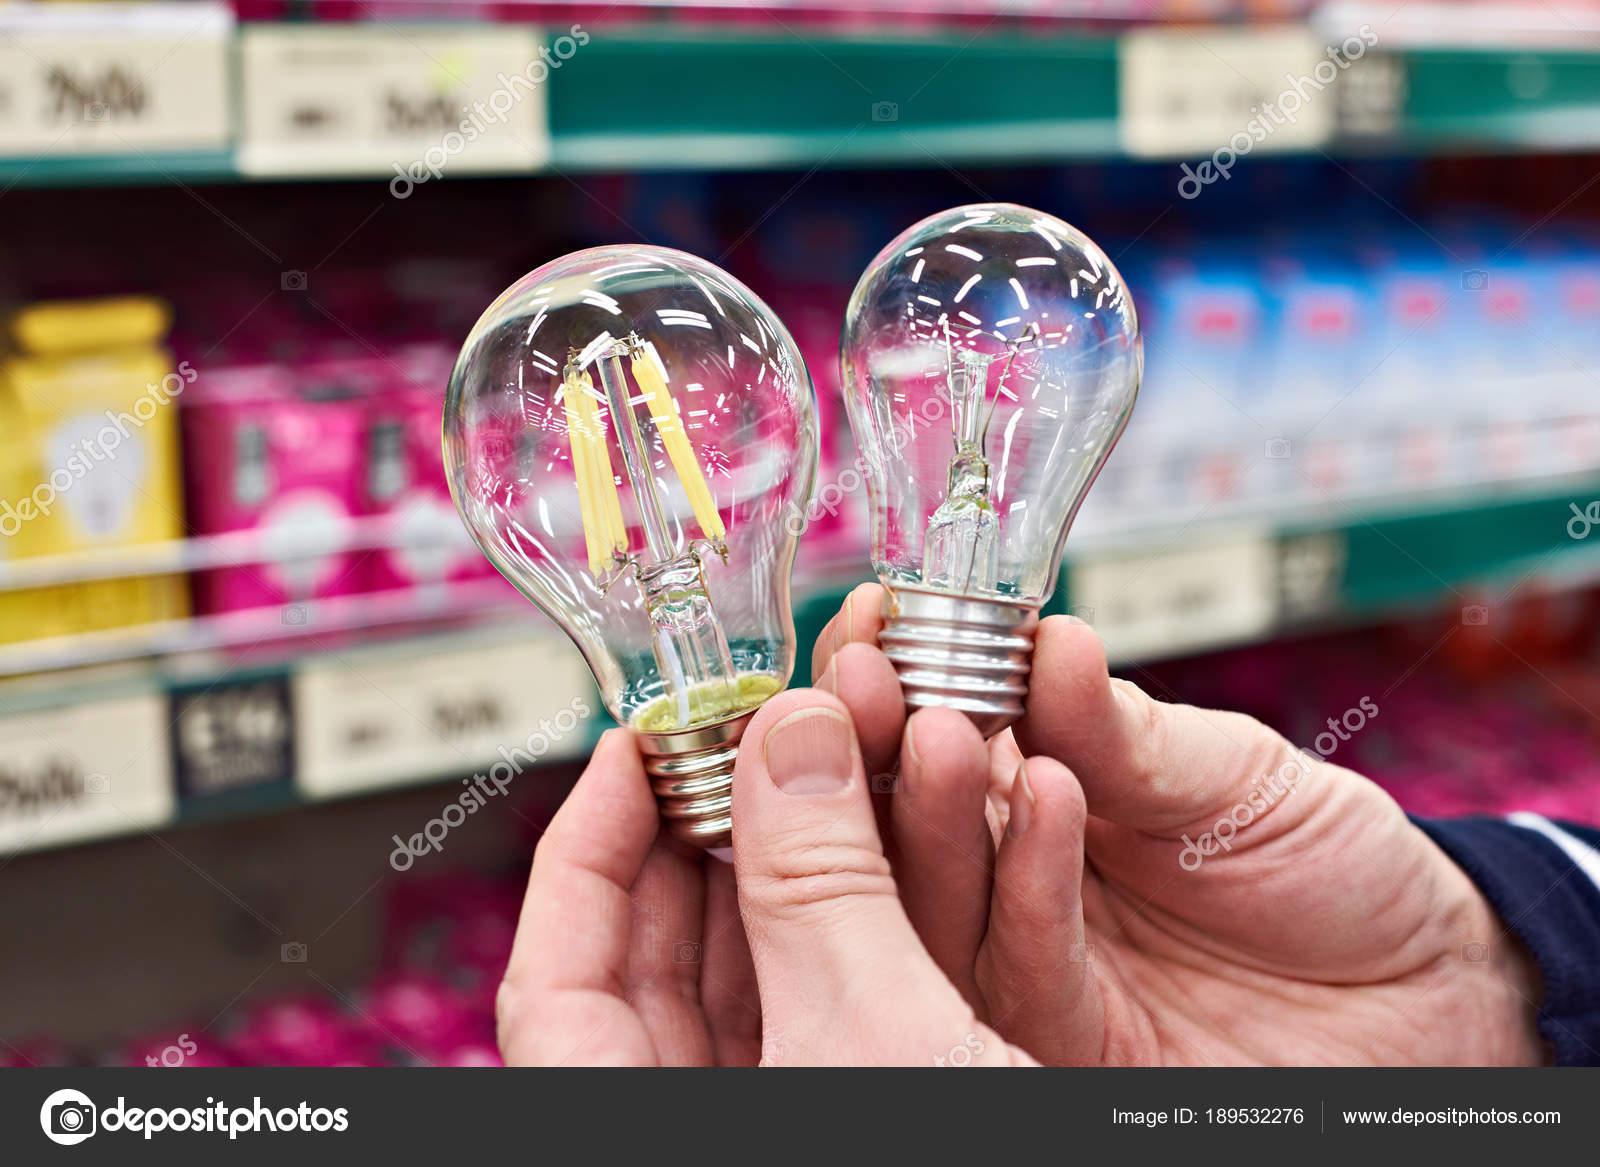 Lampe Led Et A Incandescence En Mains Sur Store Photographie